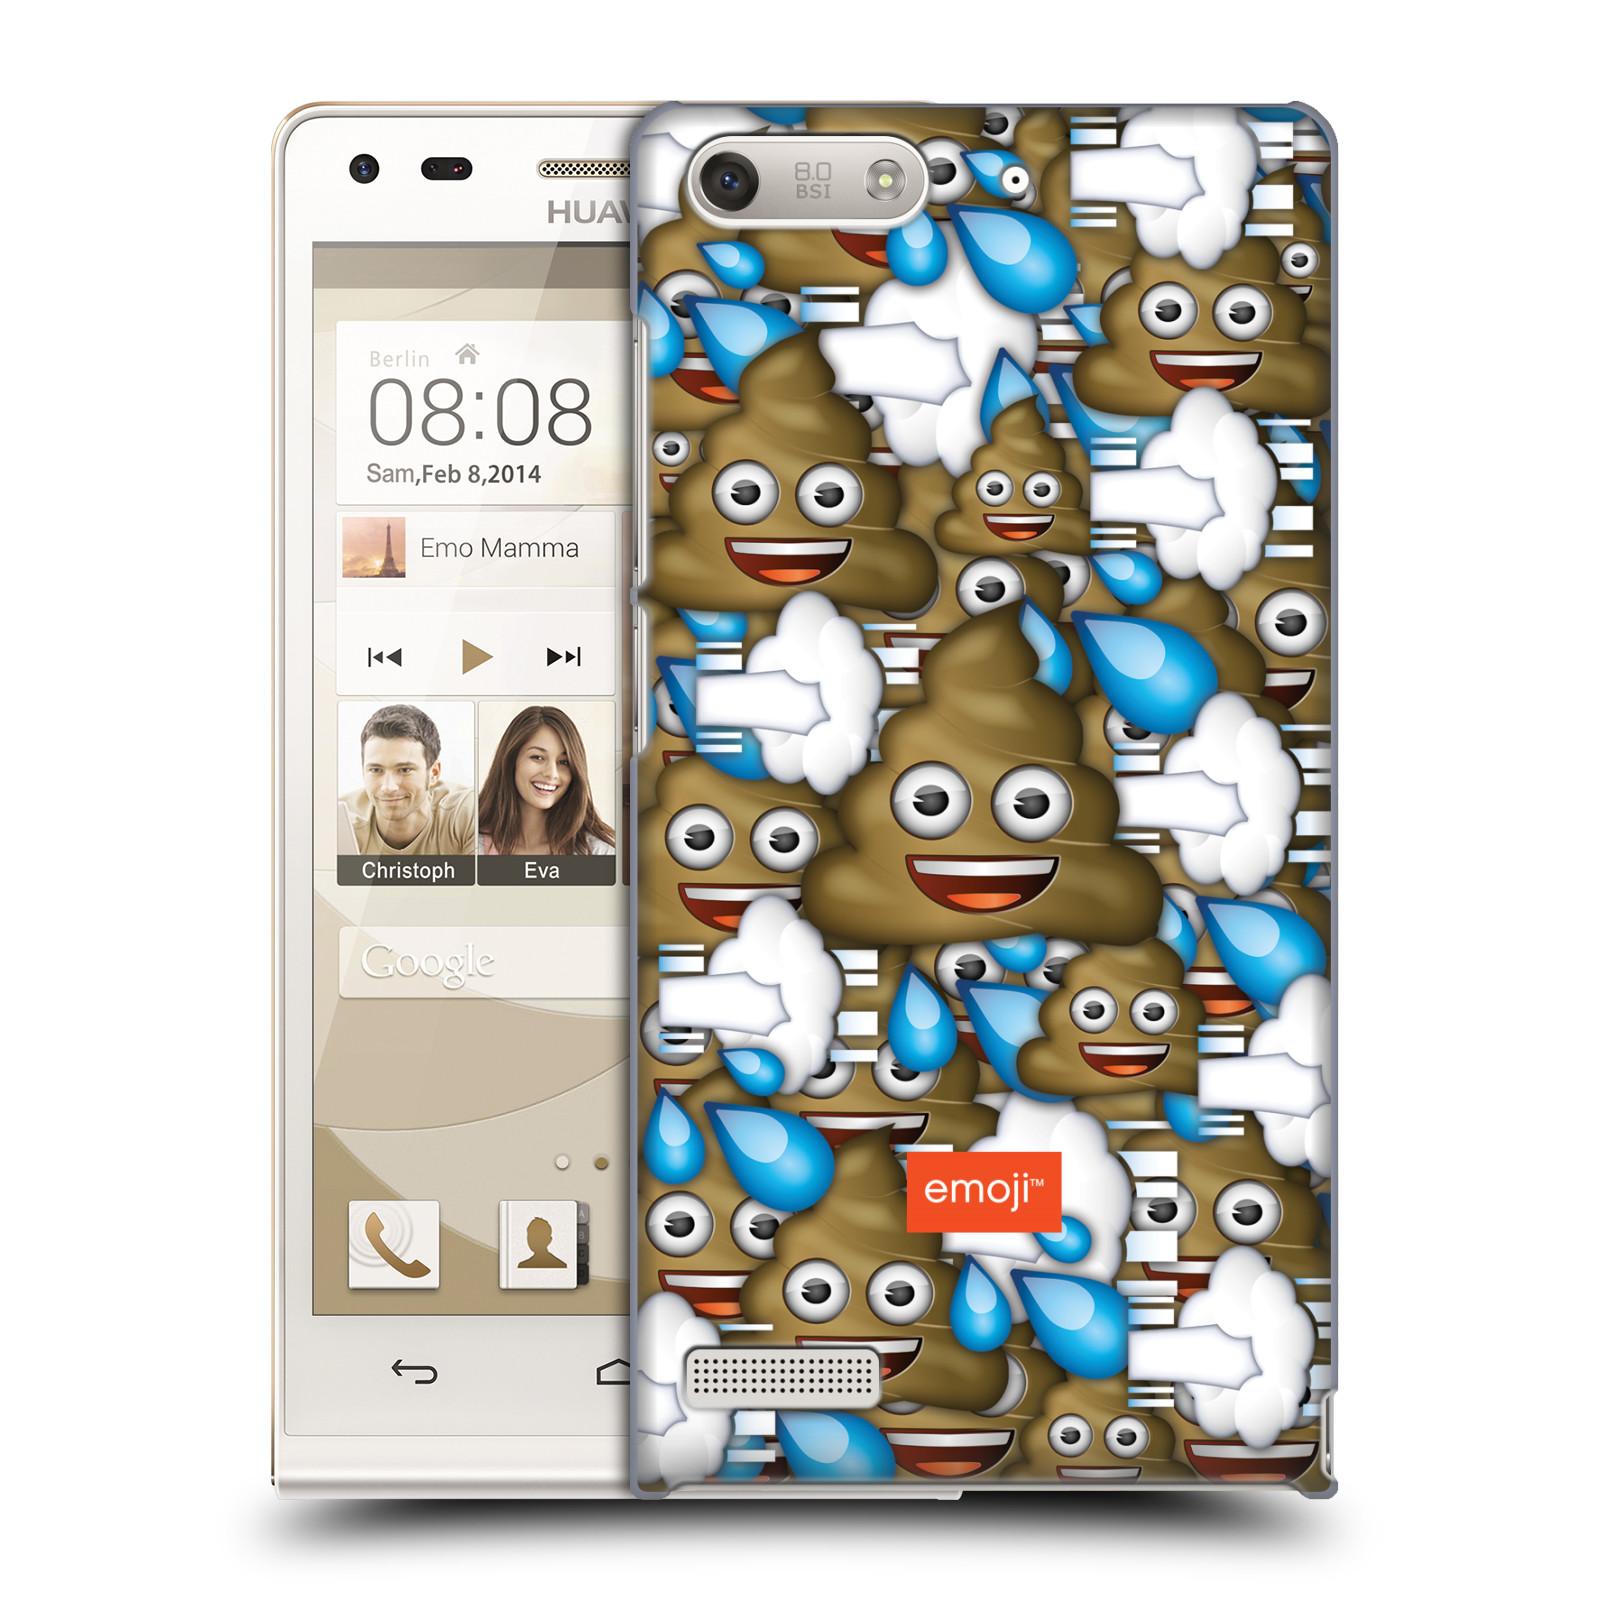 Plastové pouzdro na mobil Huawei Ascend G6 HEAD CASE EMOJI - Hovínka a prdíky (Kryt či obal s oficiálním motivem EMOJI na mobilní telefon Huawei Ascend G6 bez LTE)